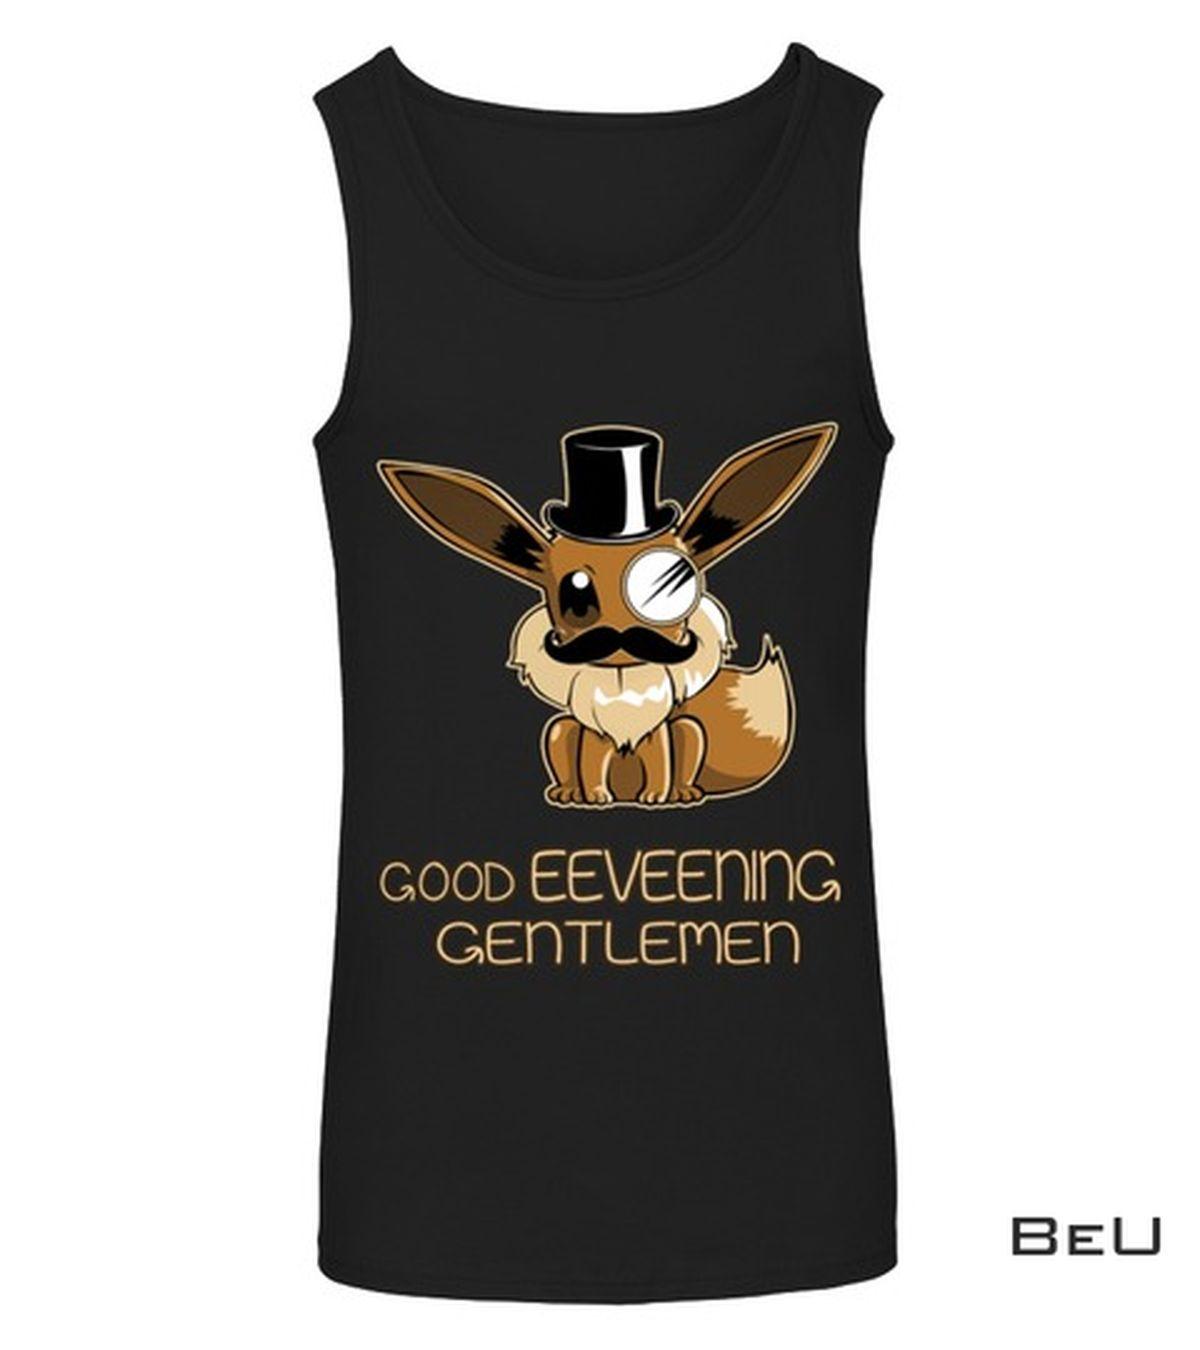 Only For Fan Pokemon Eevee Good Eeveening Gentlemen Shirt, hoodie, tank top